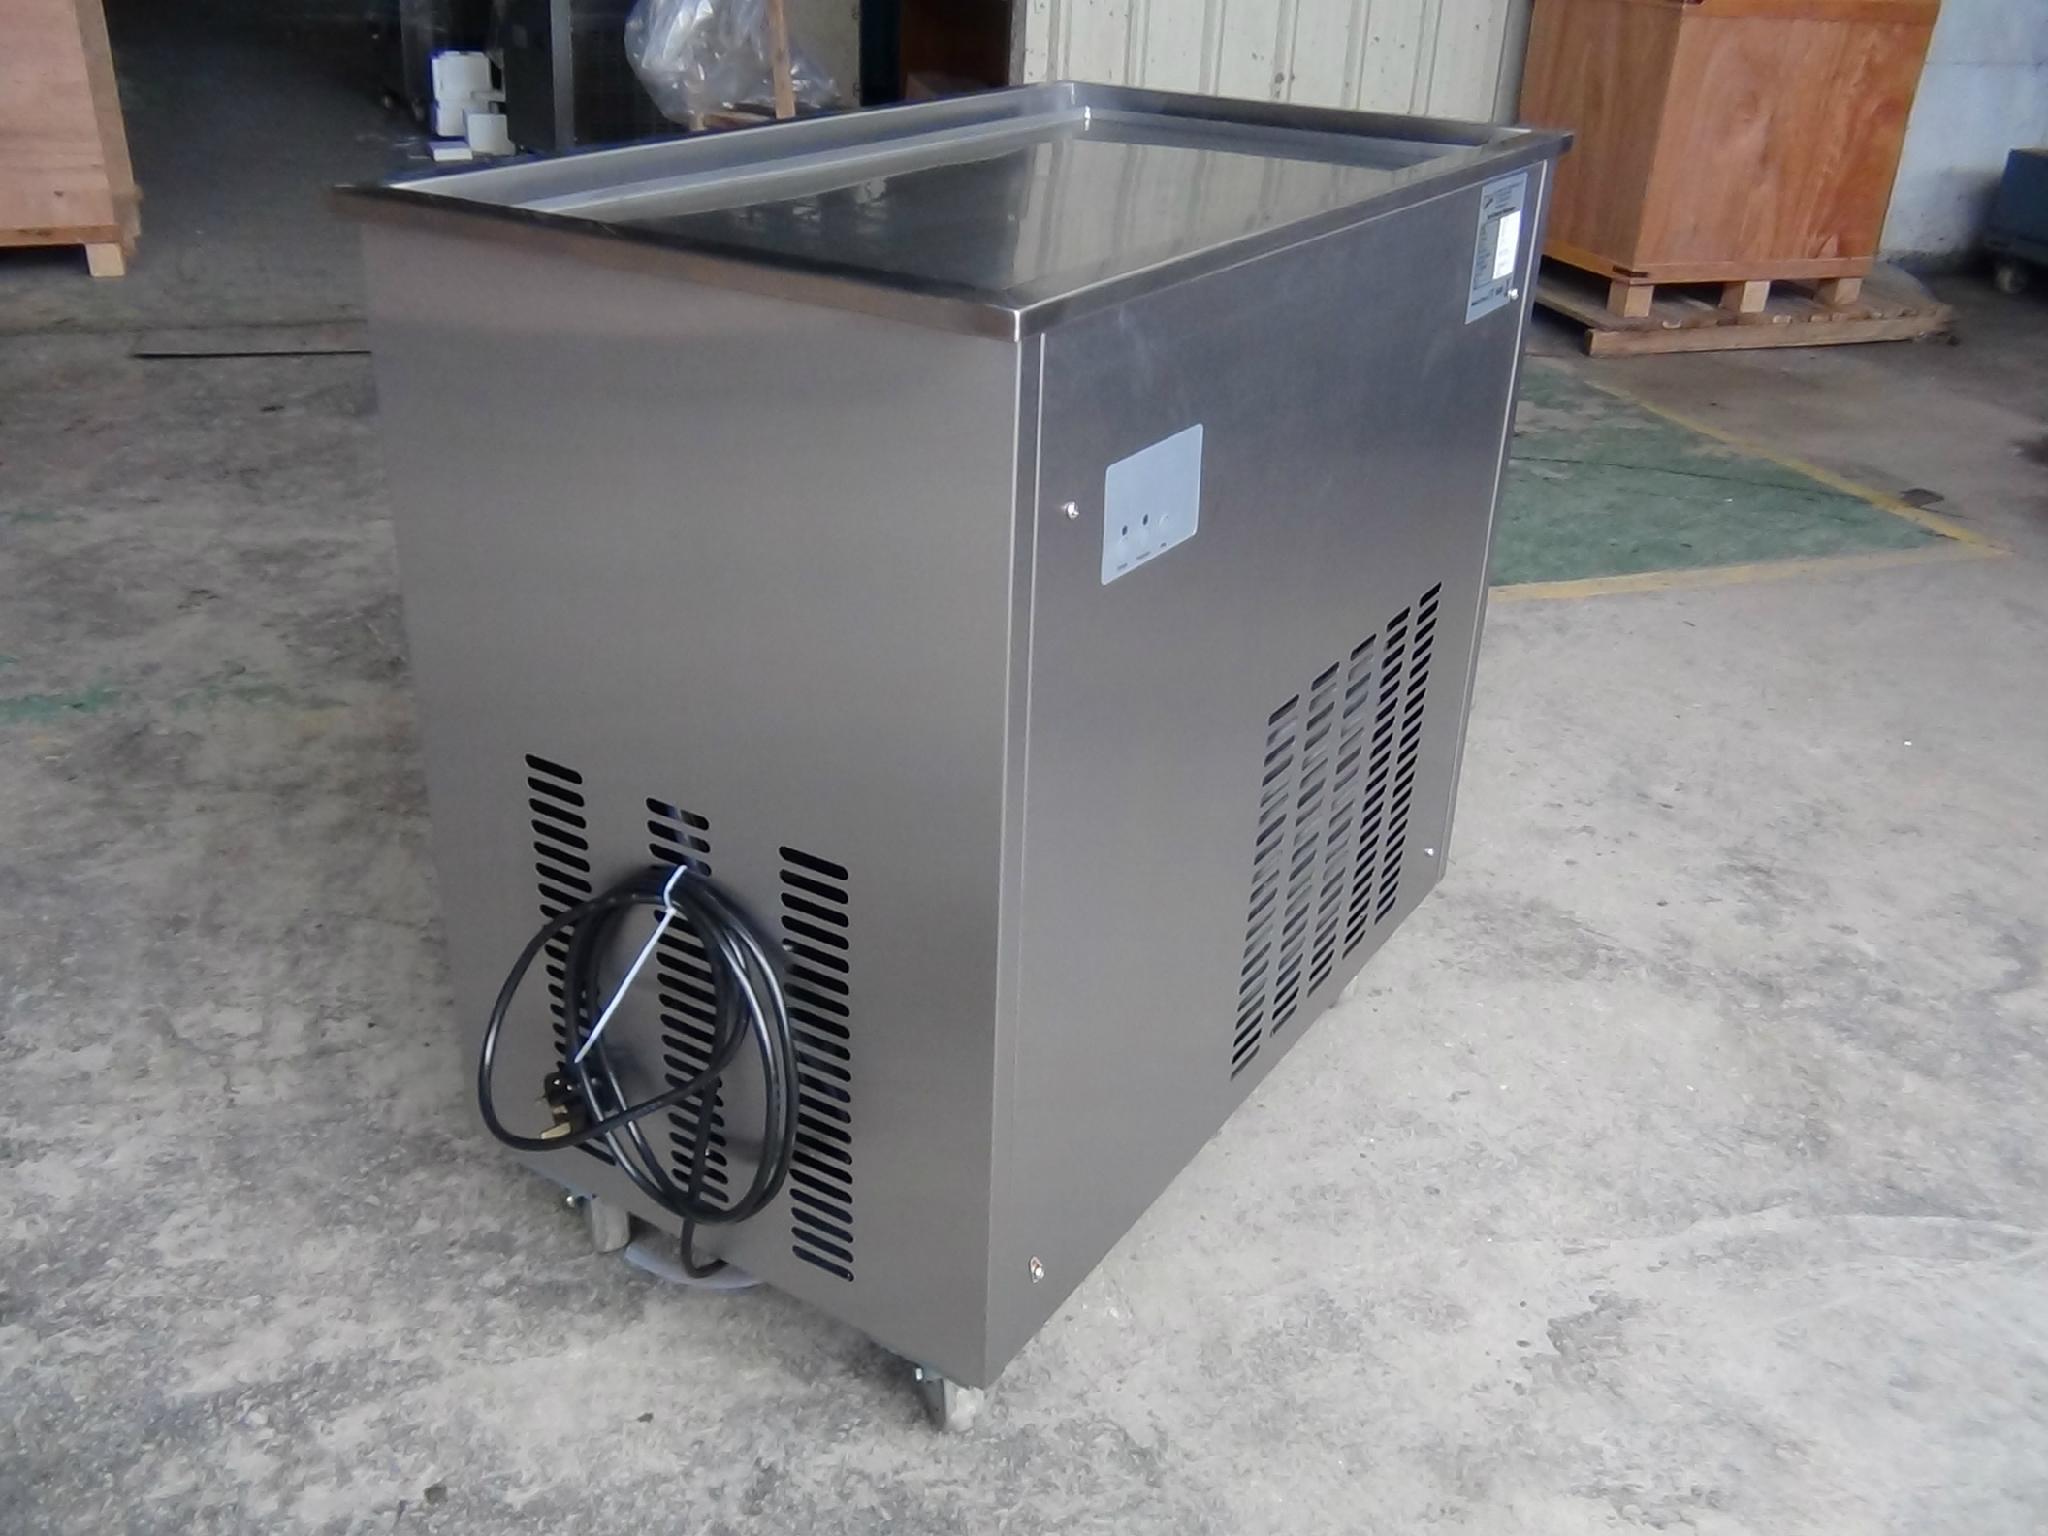 CB-100方盘炒冰机,炒冰机什么牌子好 4